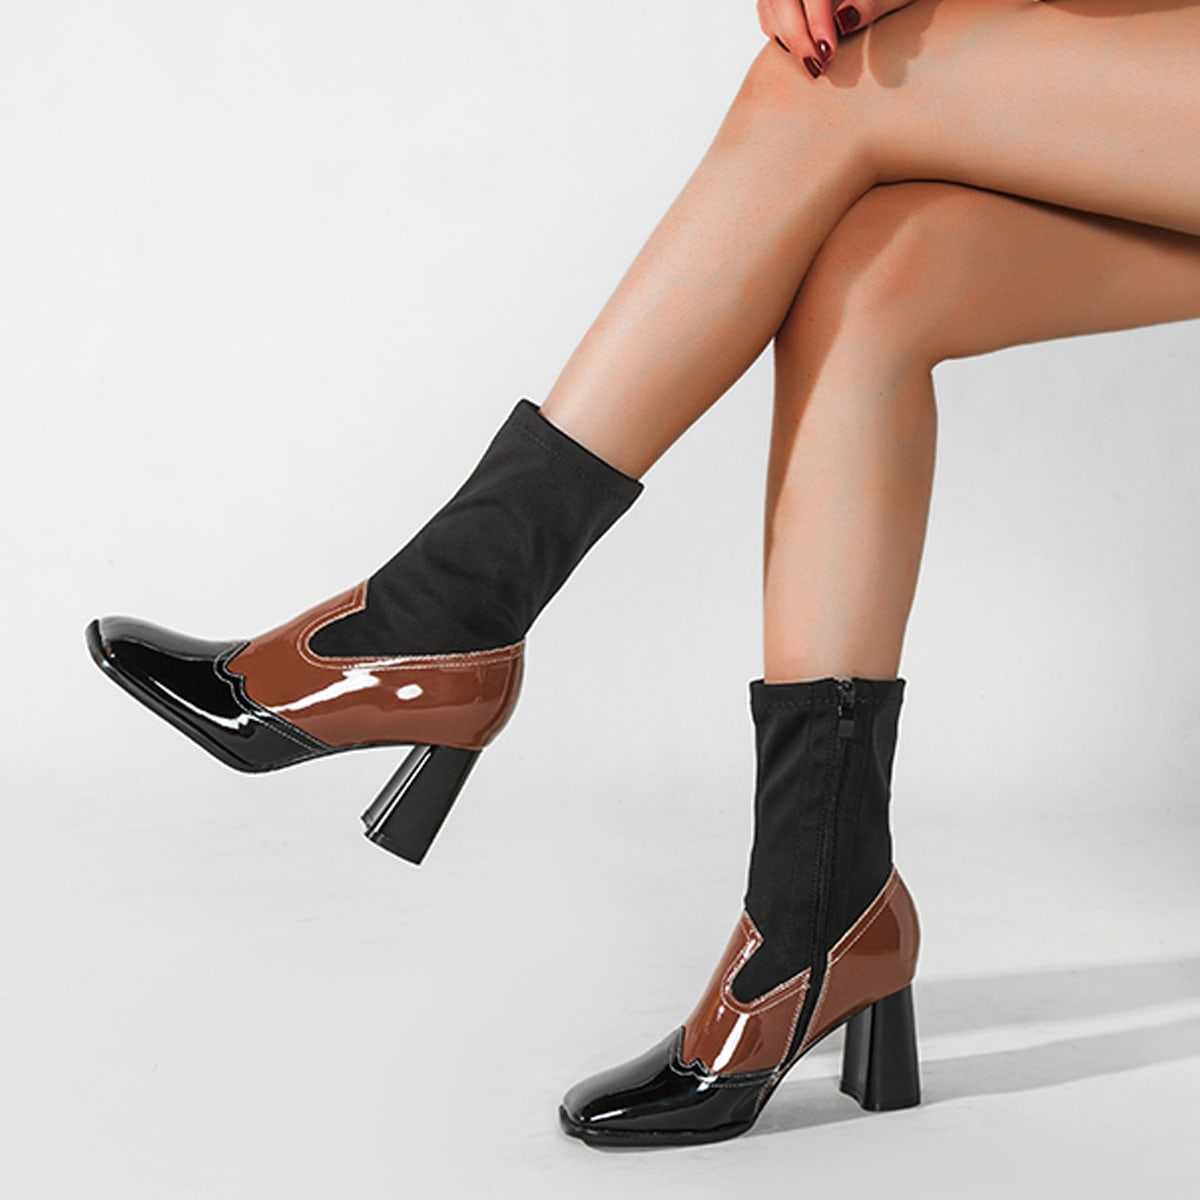 SHEIN / Zweifarbiger Stiefel mit quadratischer Zehenpartie